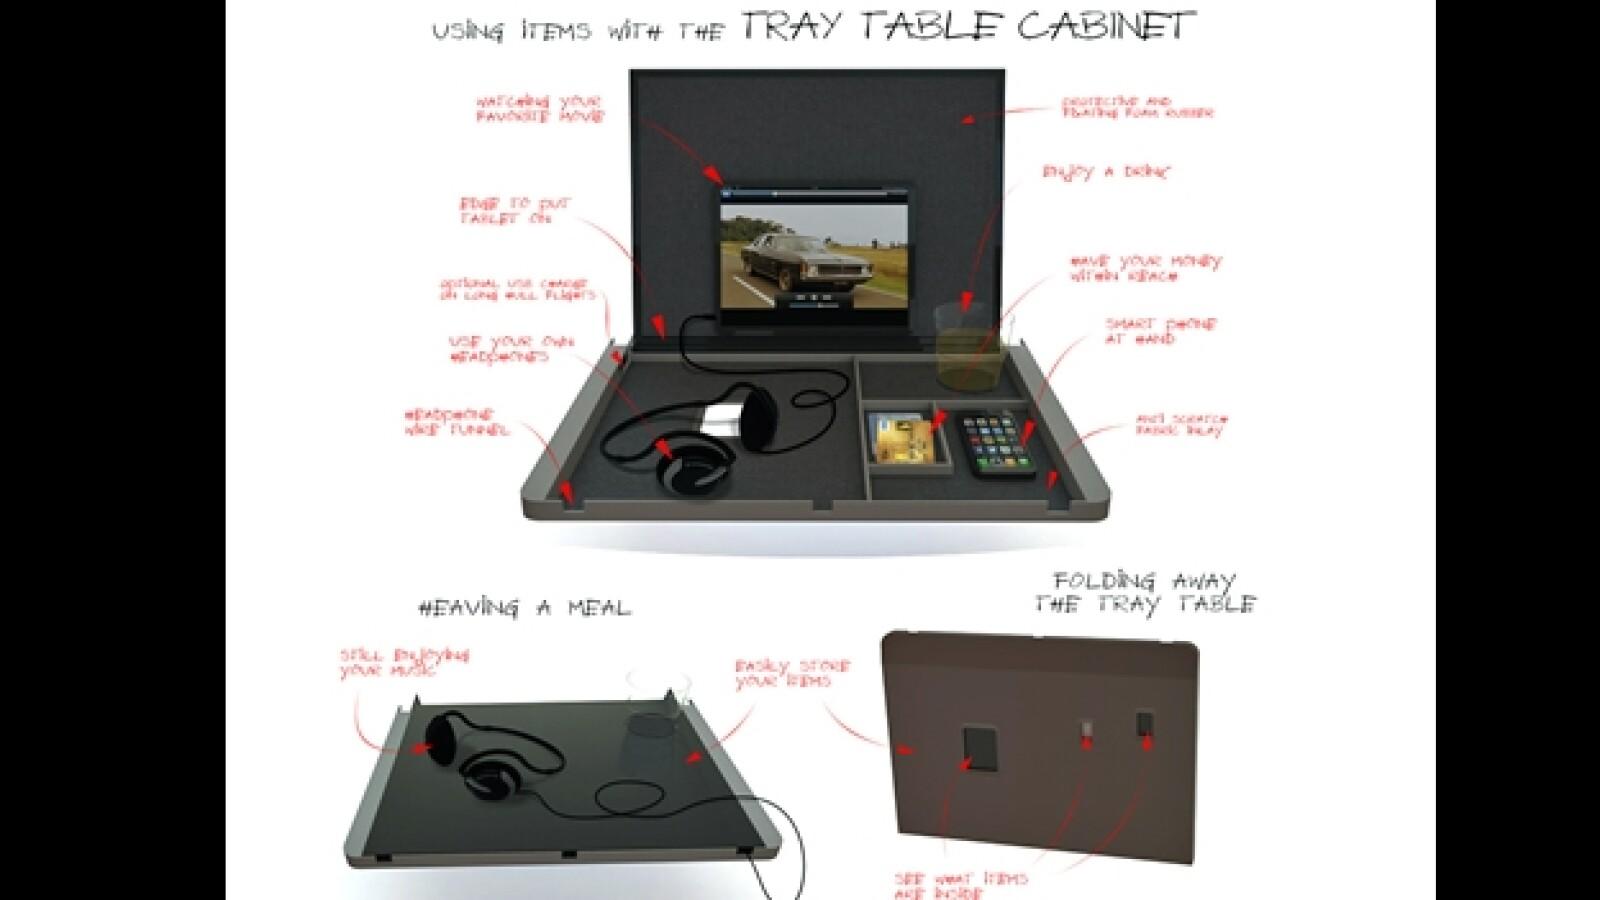 mesa de servicio aviones gadgets TU Delfts Tray Table